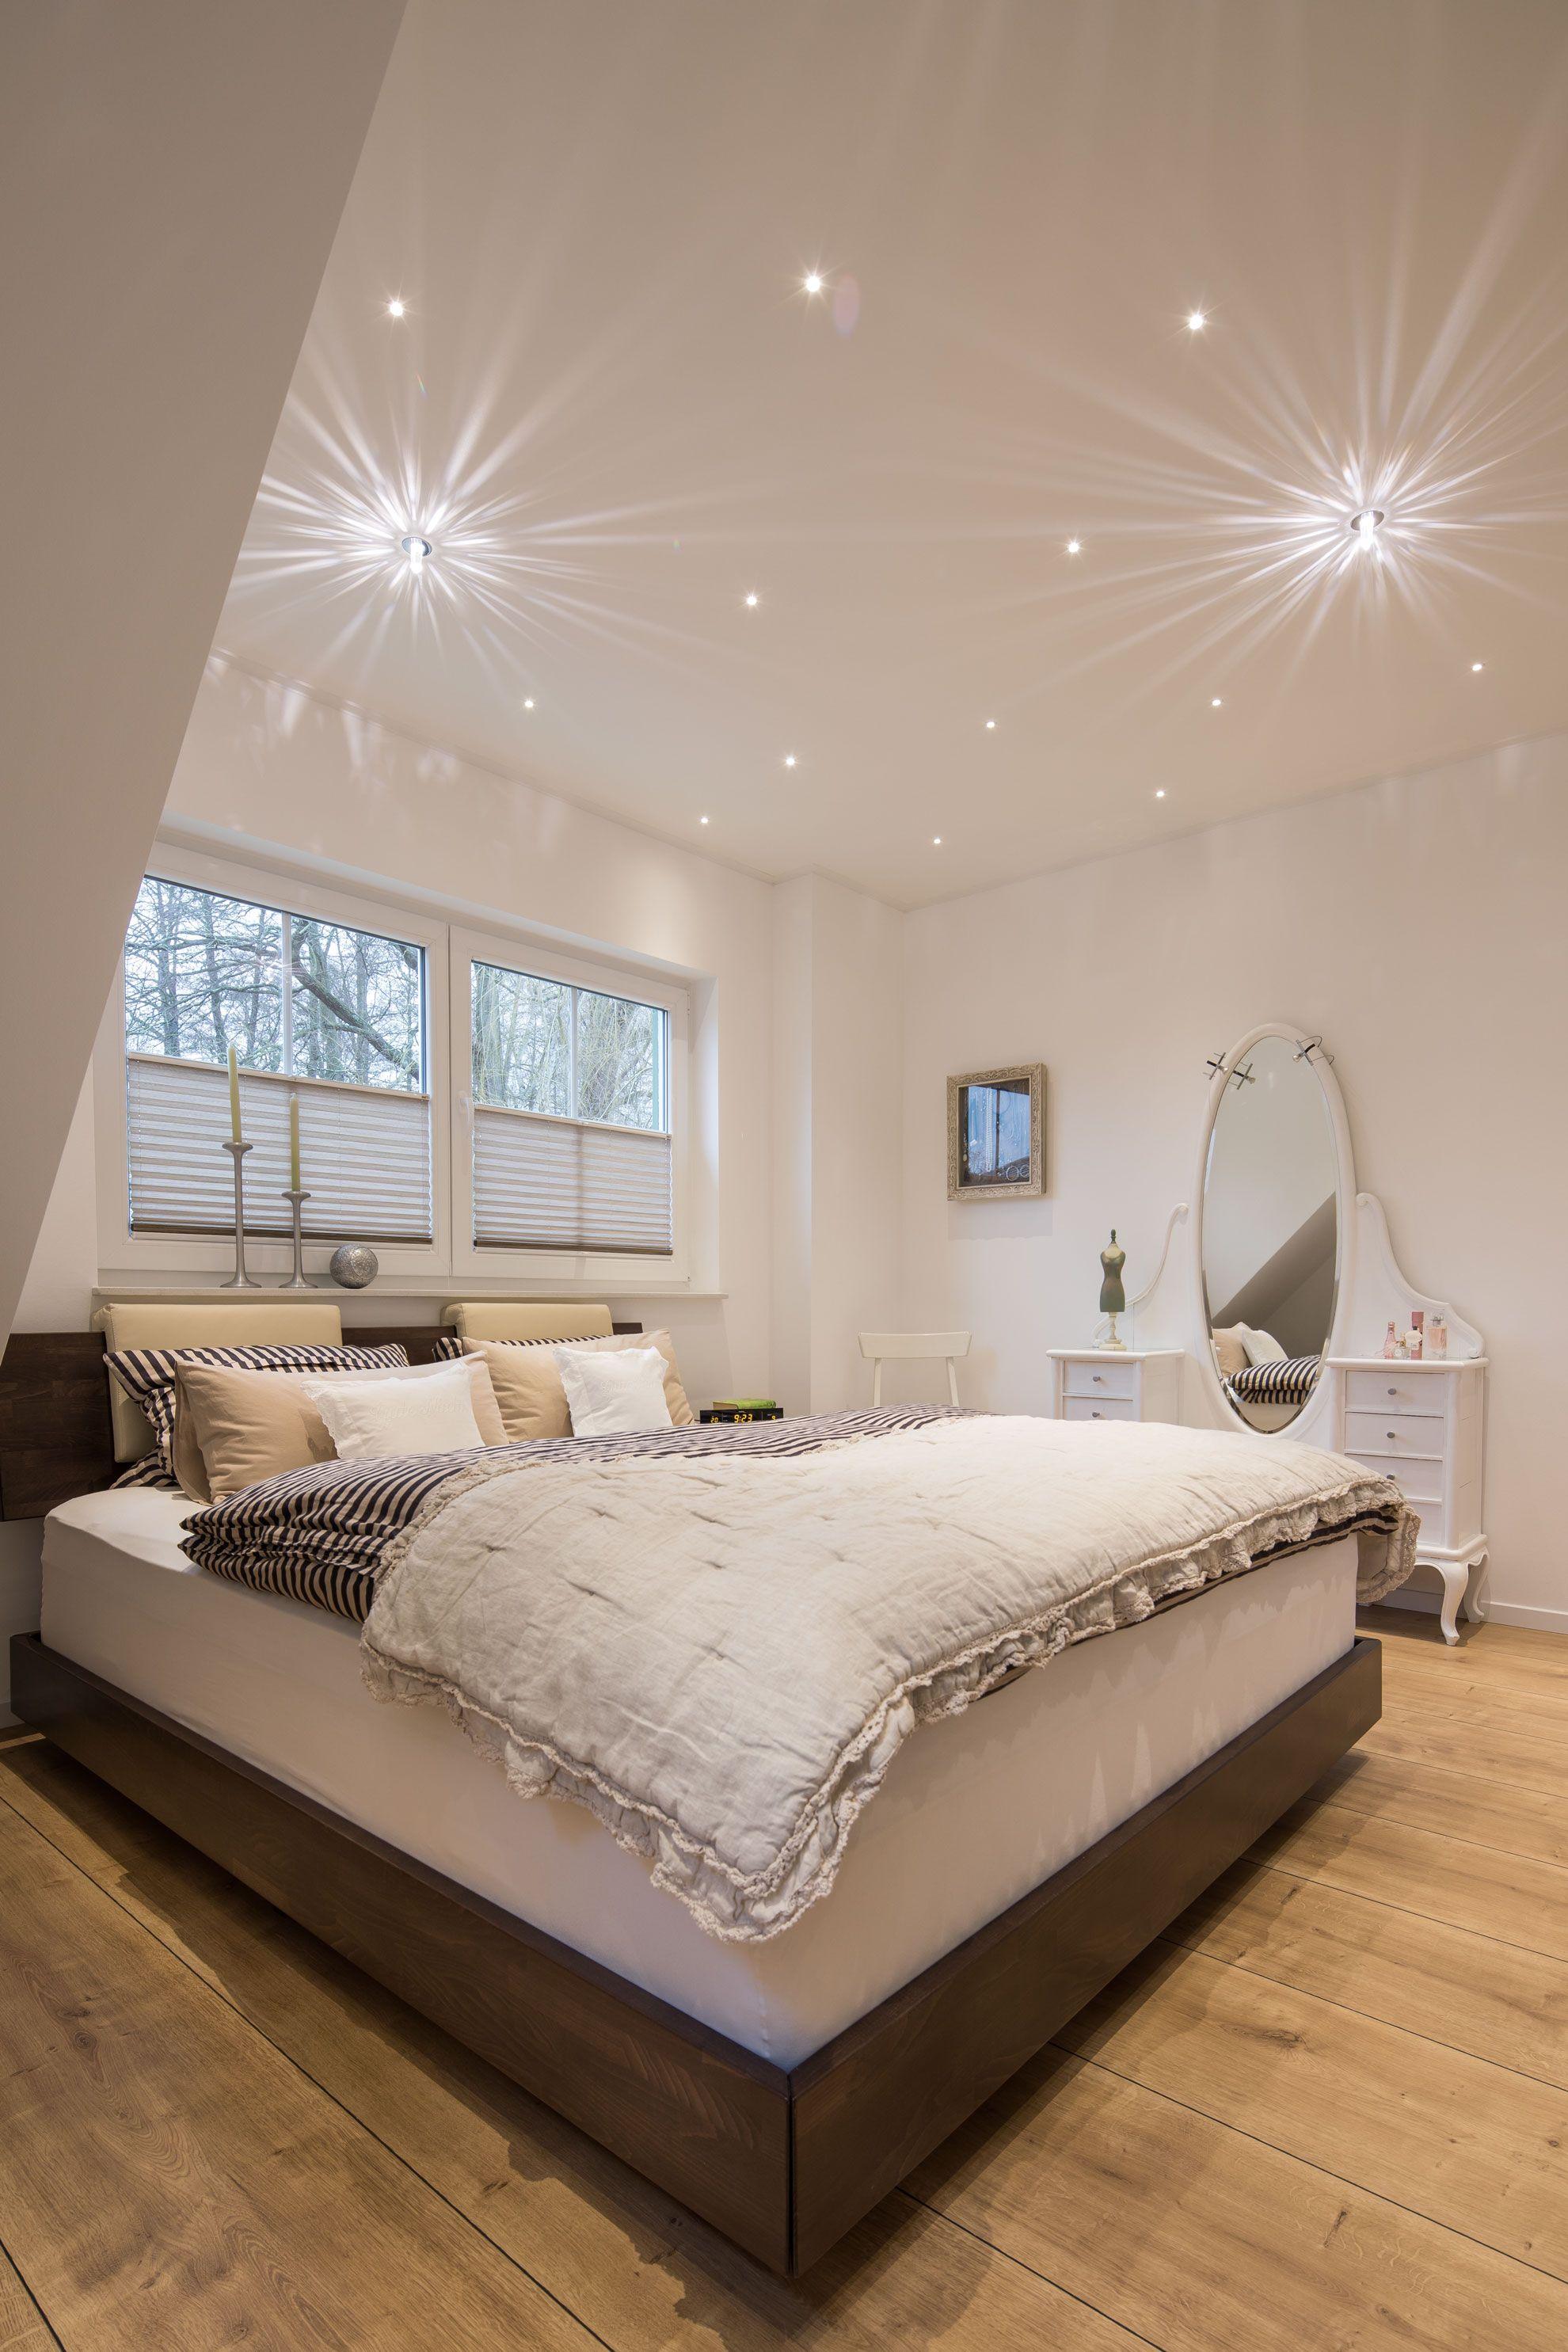 Schlafzimmerdecke Weiss Schlafzimmerdecke Haus Wohnen